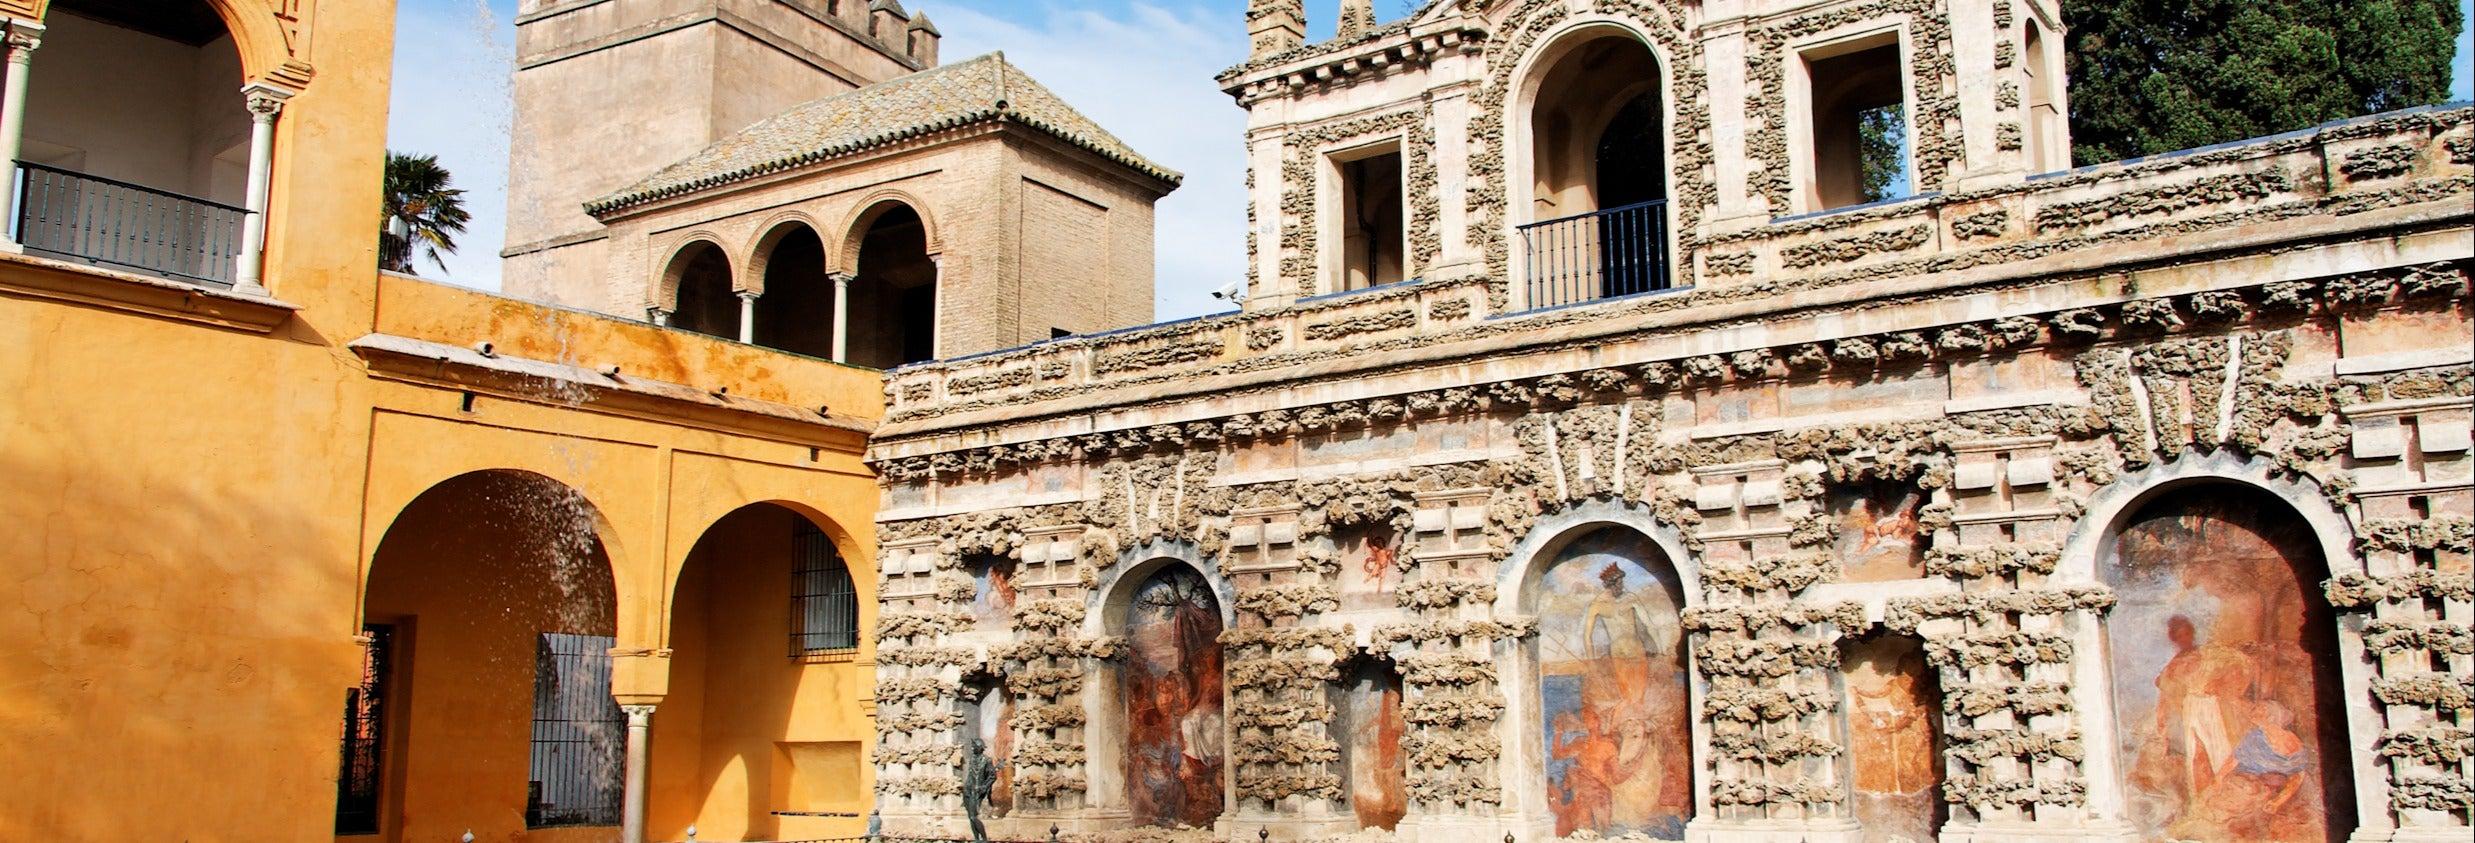 Visita privata dell'Alcázar di Siviglia